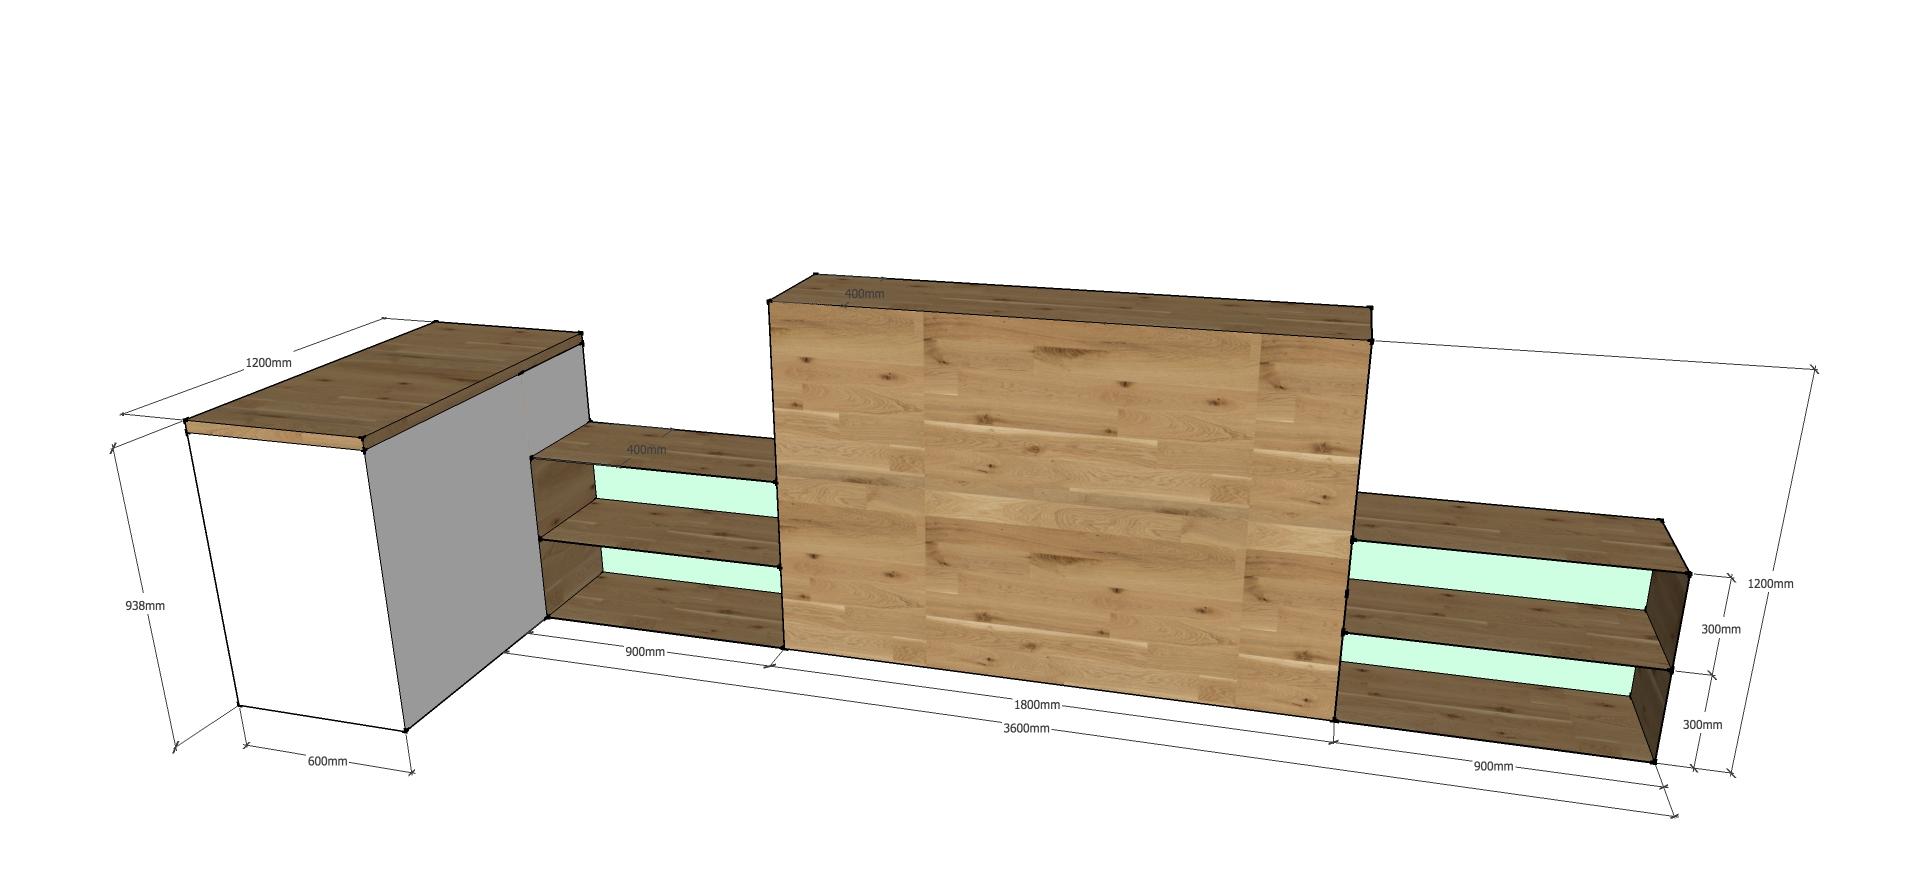 vis ma vie de d coratrice quelques projets d co cocon d co vie nomade. Black Bedroom Furniture Sets. Home Design Ideas